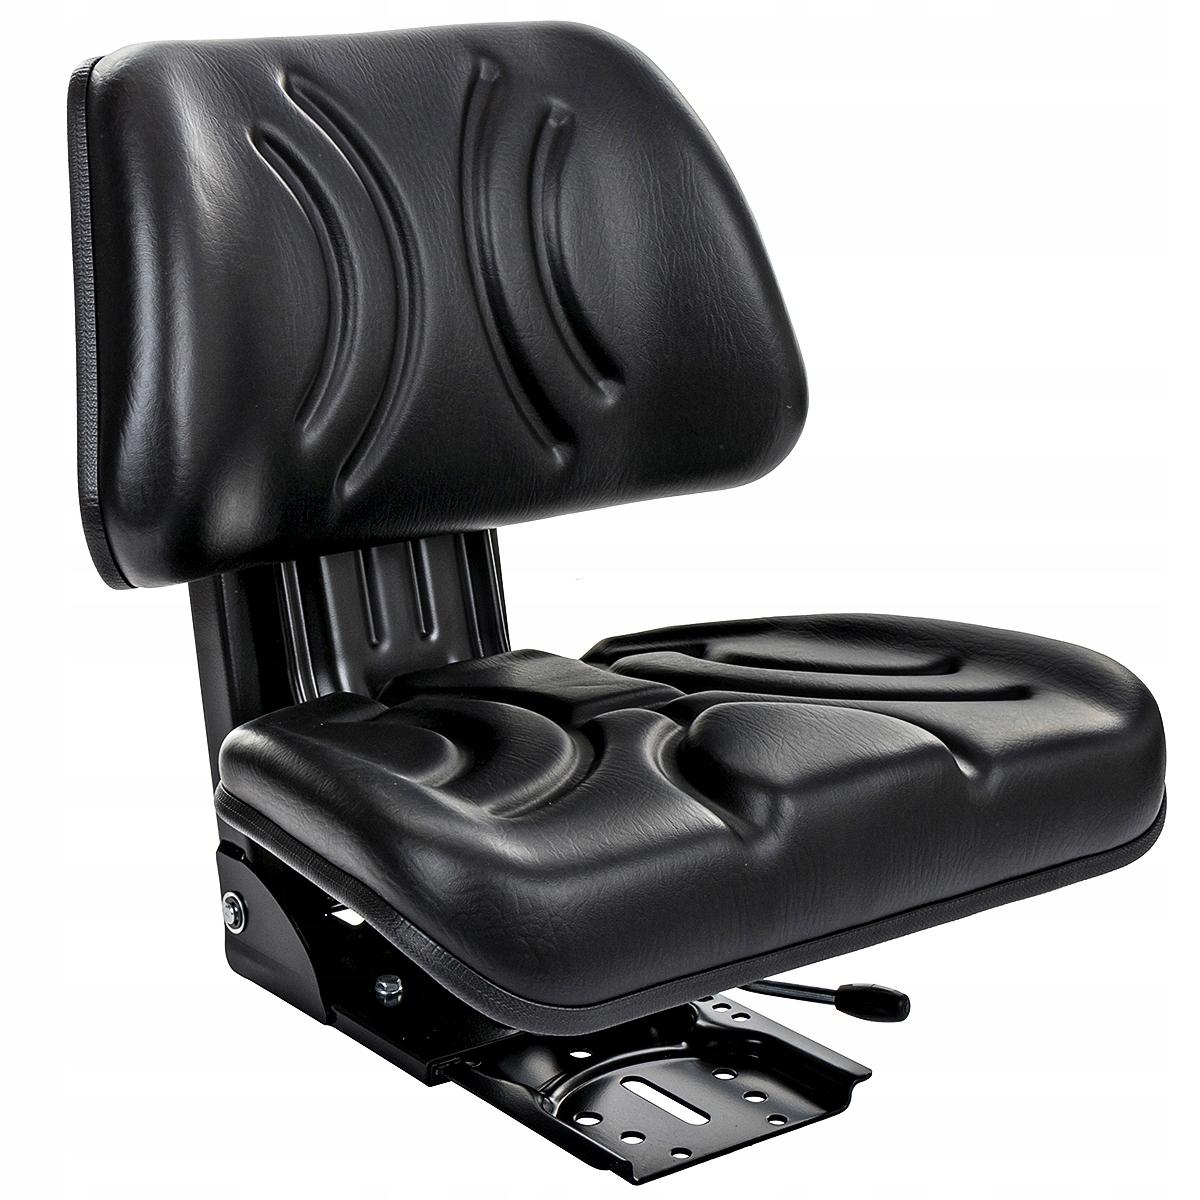 ПОДВЕСКА SEAT C360 C330 ZETOR MF T25